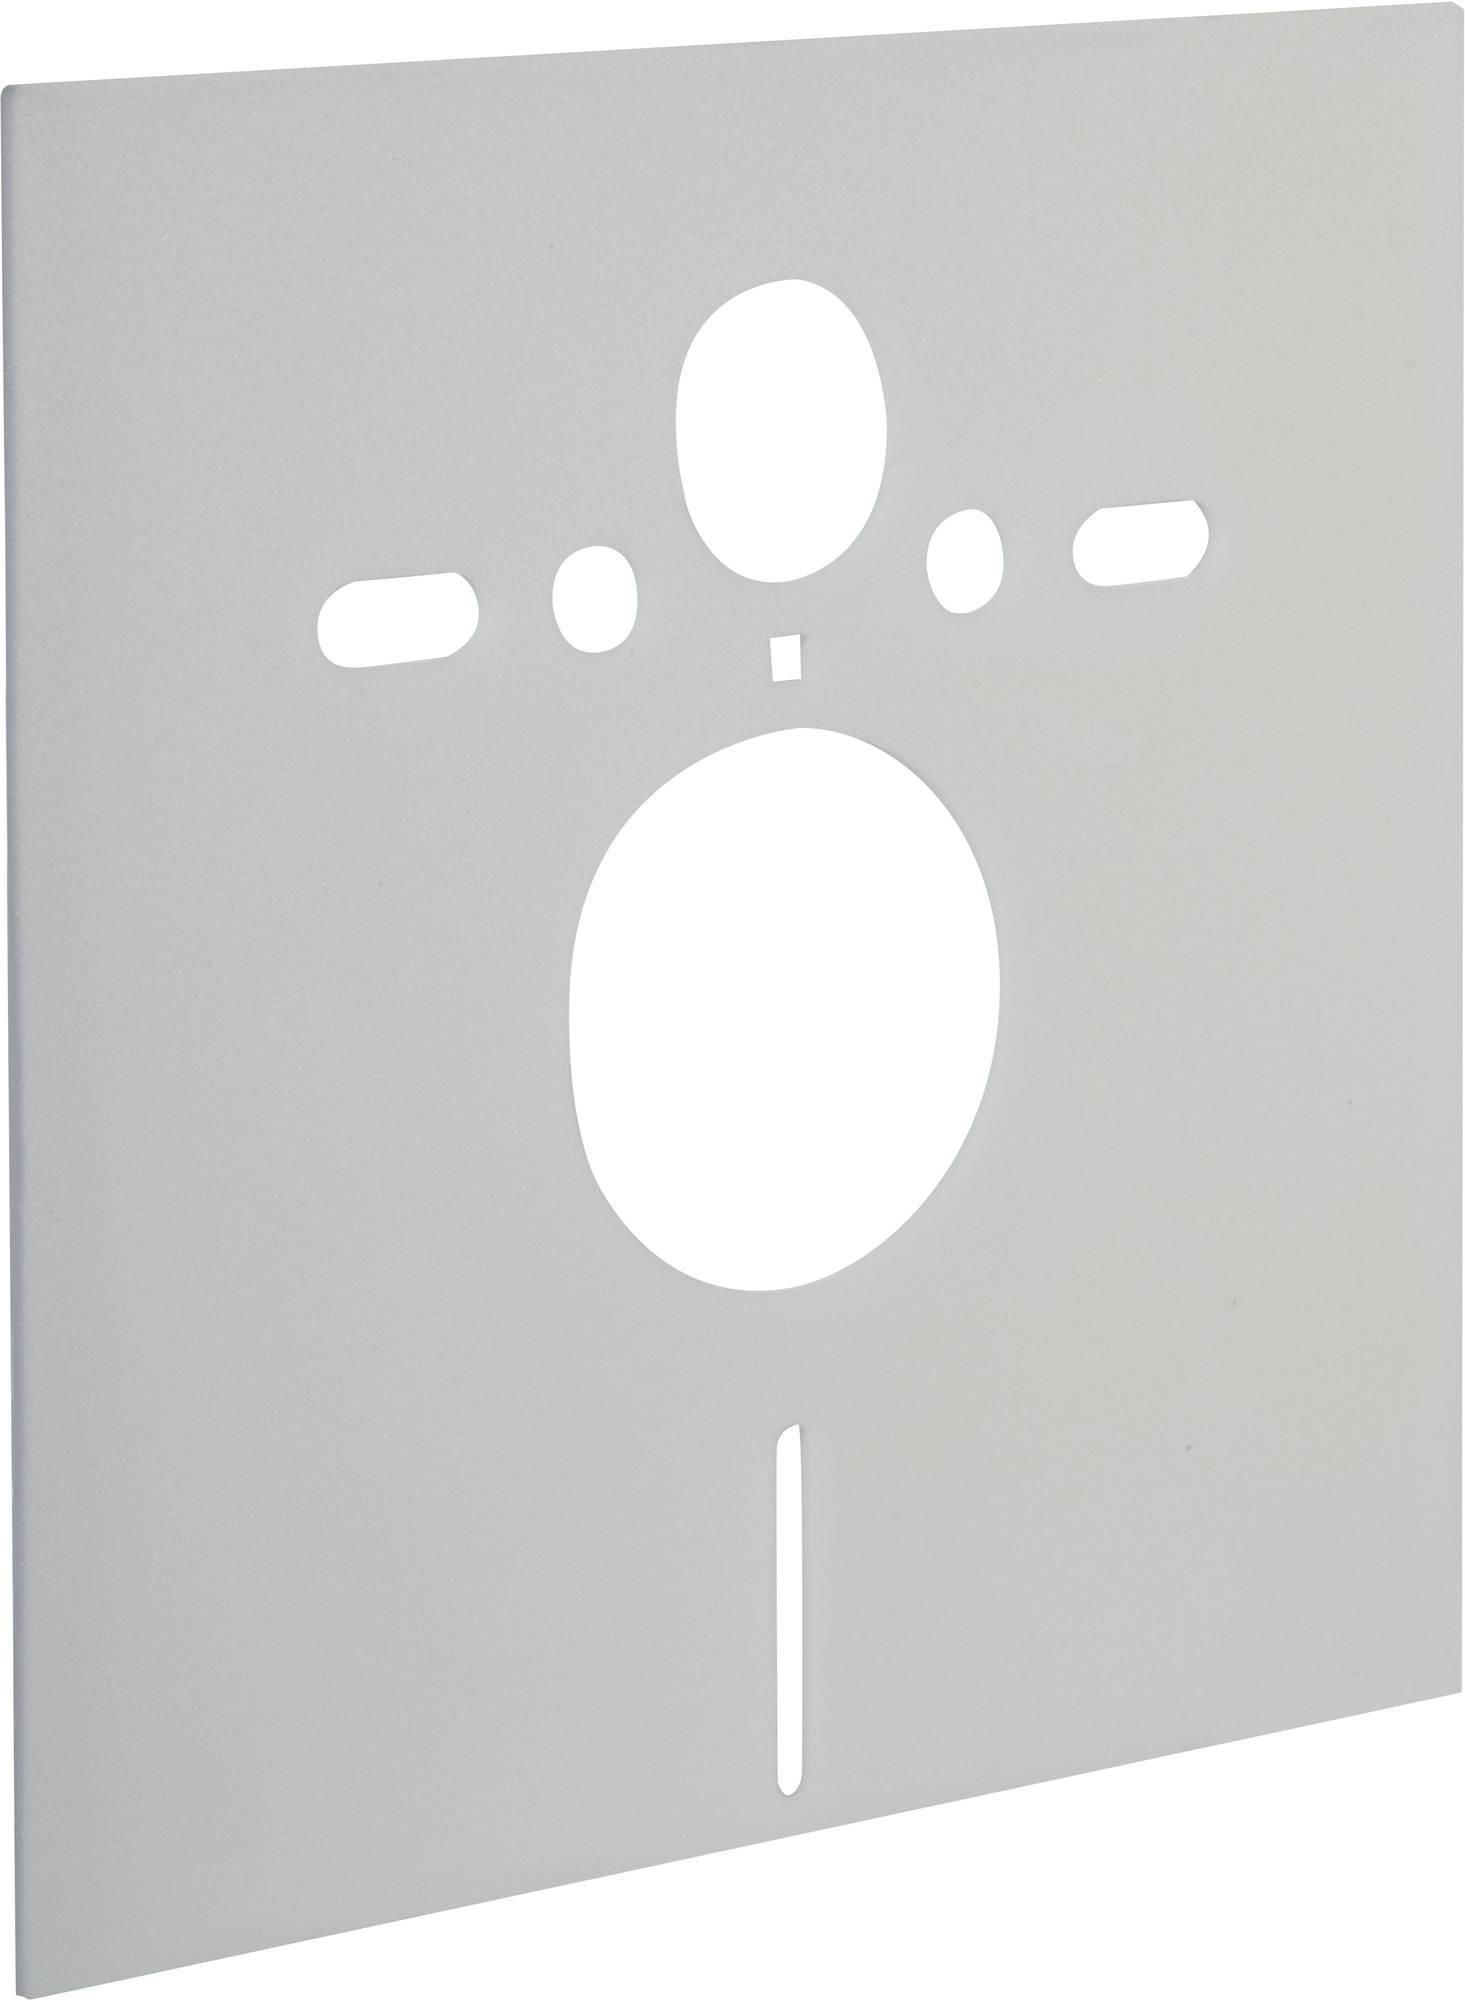 Ben Universele Geluidsisolatieset voor een toilet en bidet